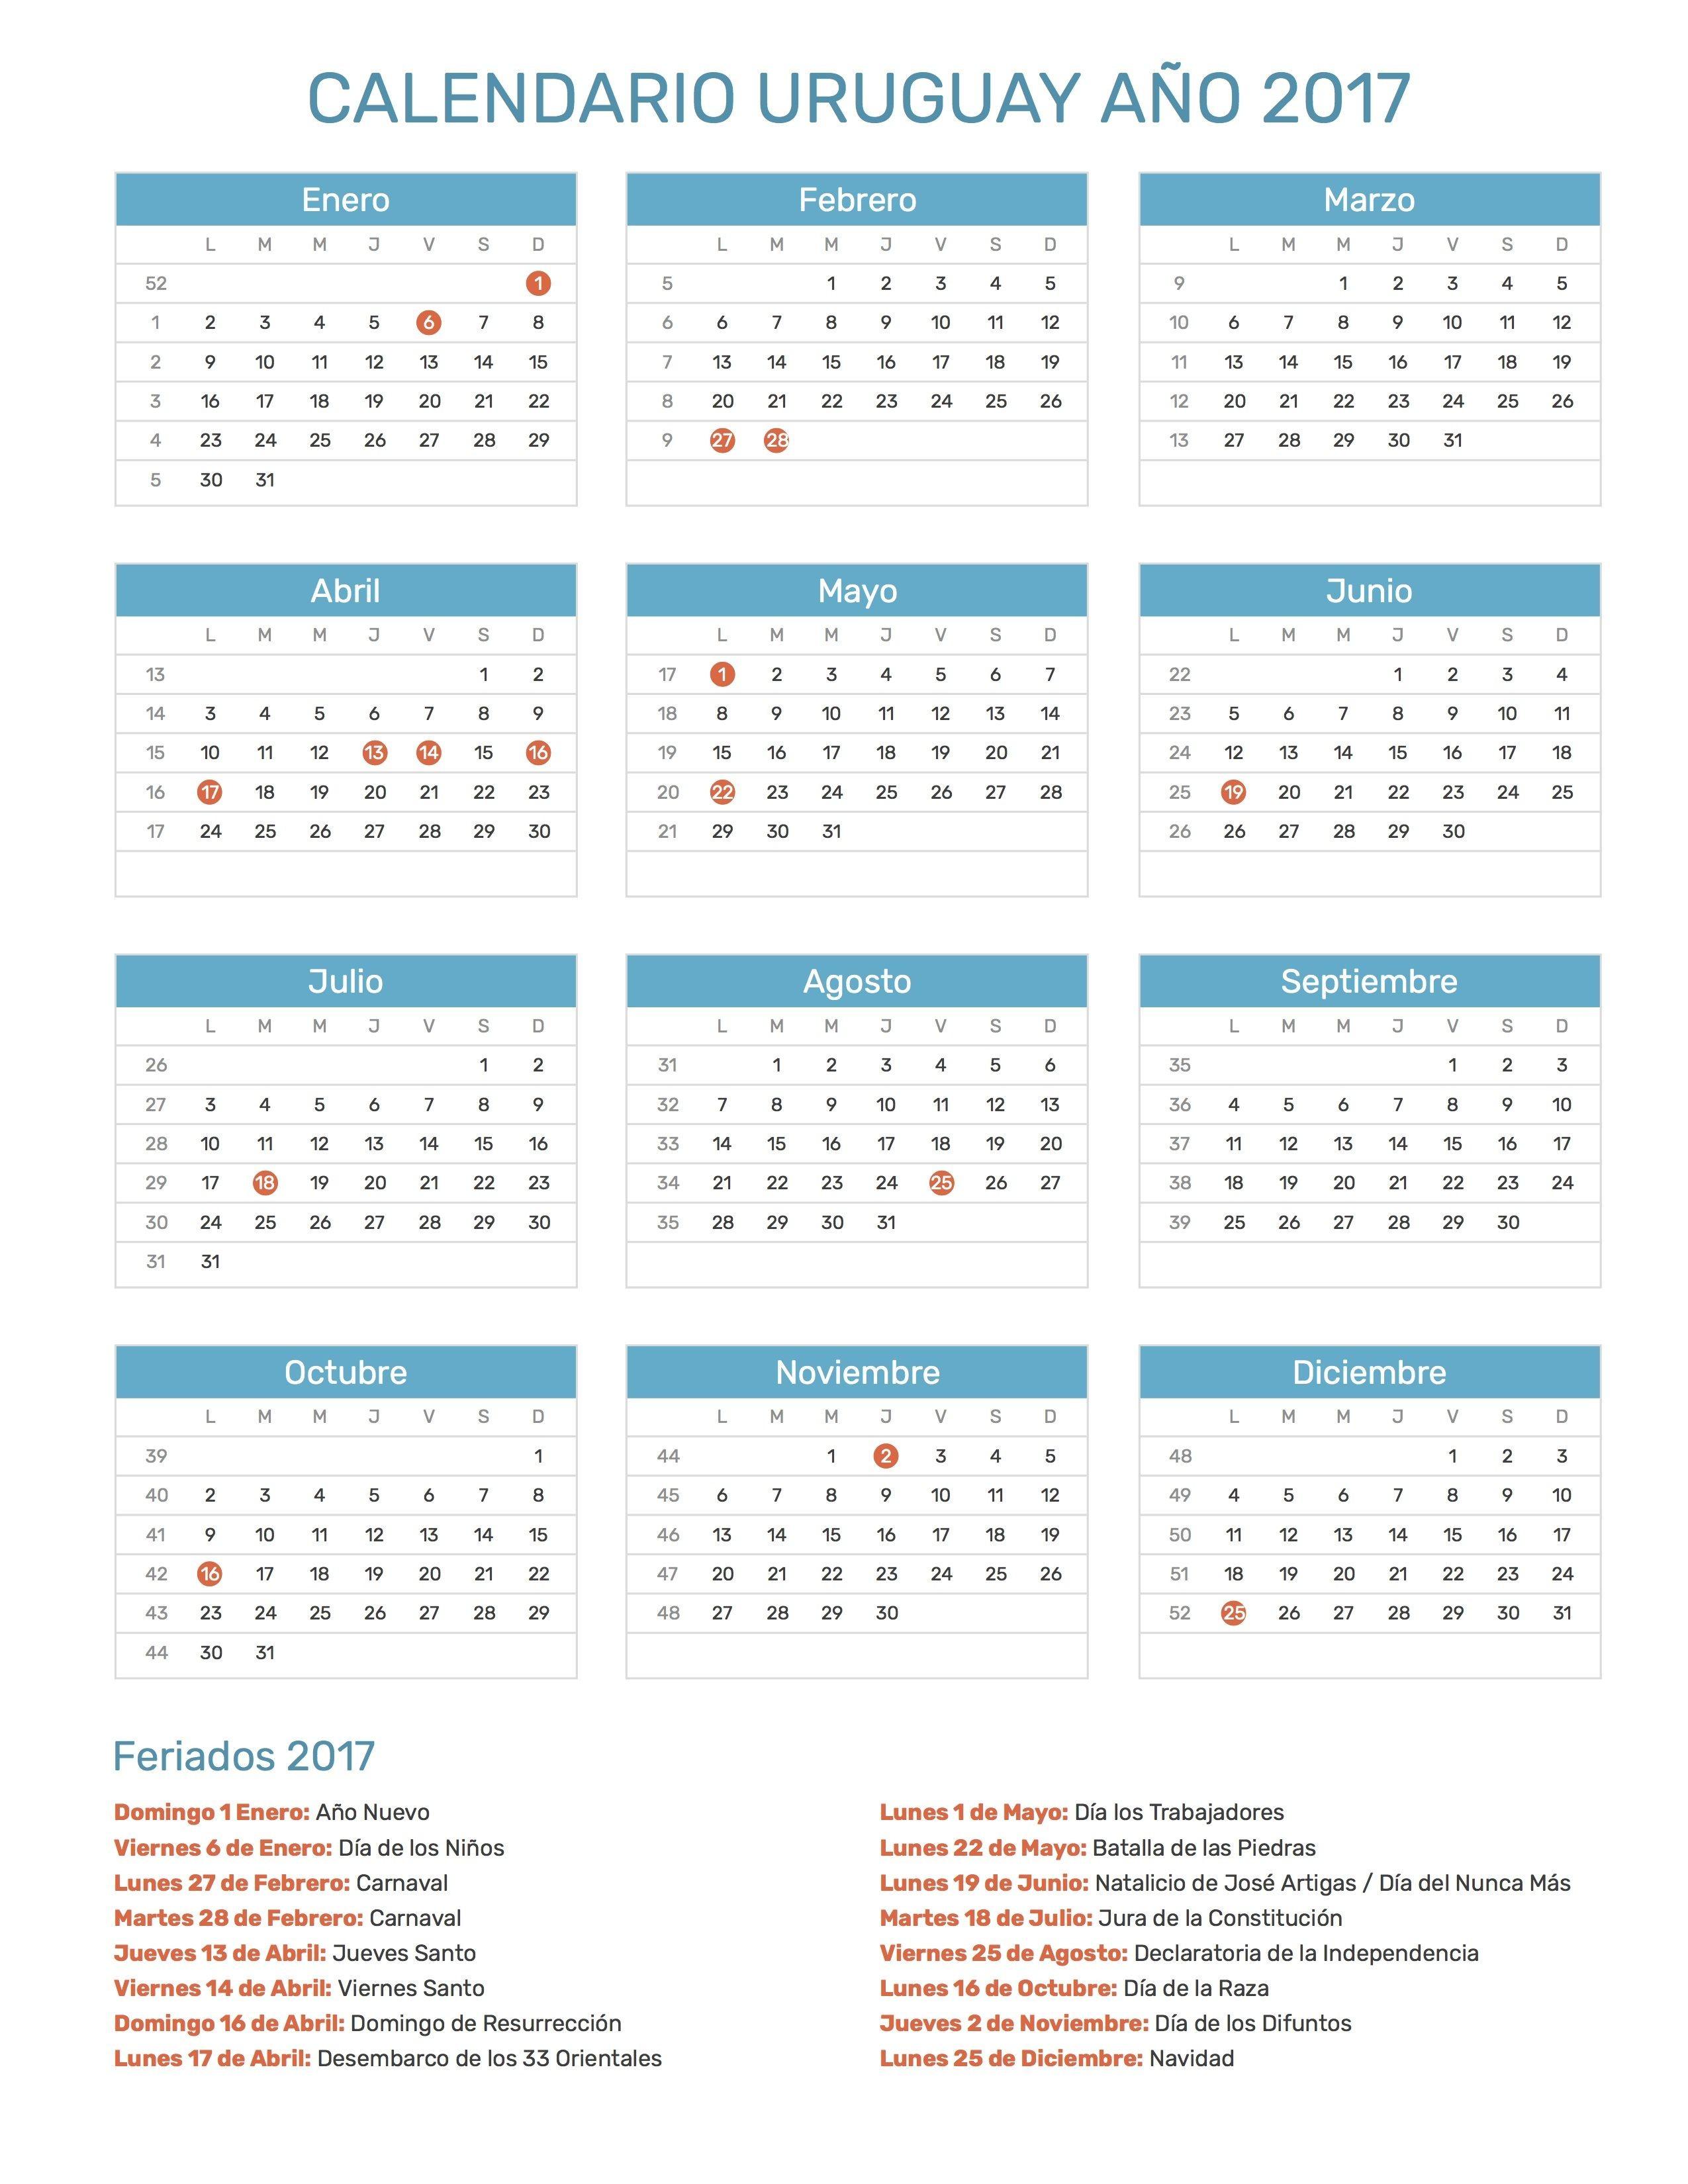 Calendario 2019 Con Festivos En Colombia Más Caliente Pin De Calendario Hispano En Calendario Con Feriados A±o 2017 Of Calendario 2019 Con Festivos En Colombia Más Reciente Evaluar Calendario 2019 Con Sus Feriados